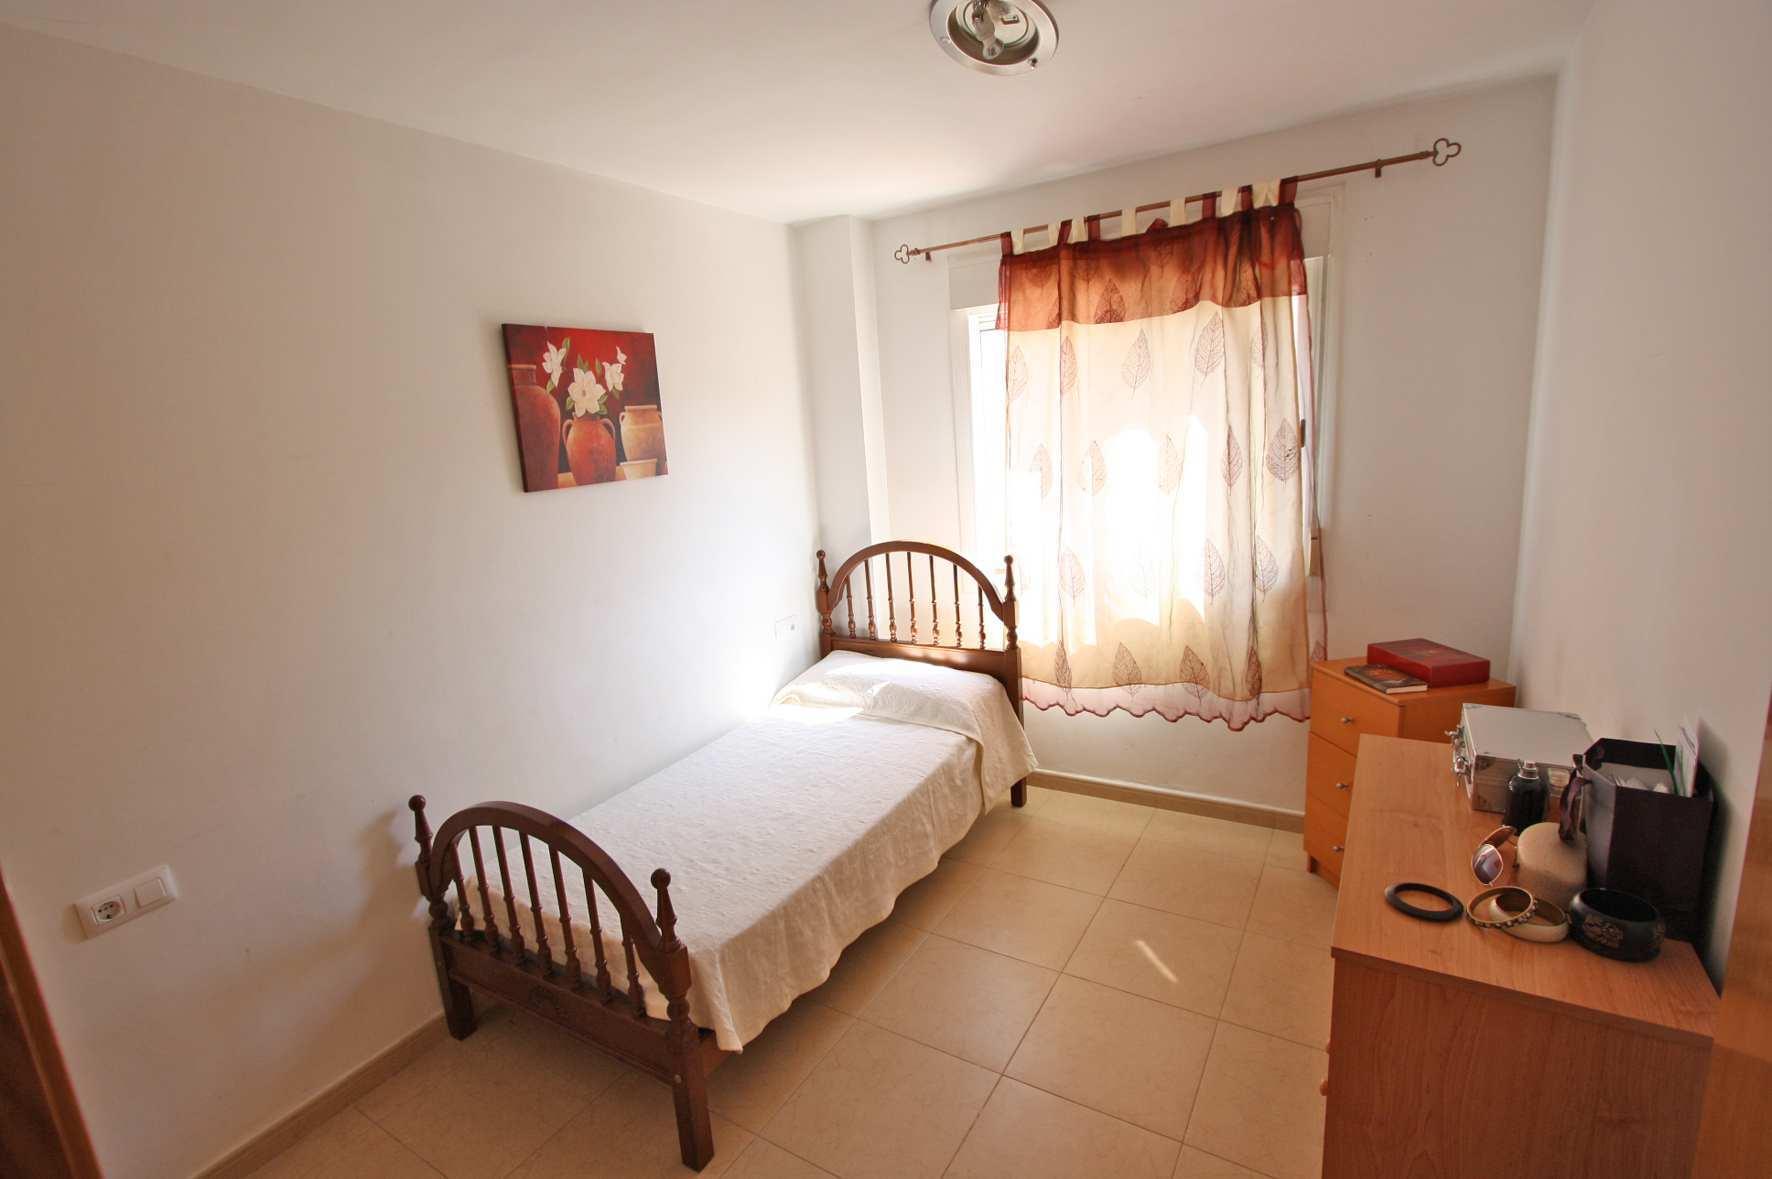 wohnung zum verkauf in ondara ref qgp 01909. Black Bedroom Furniture Sets. Home Design Ideas